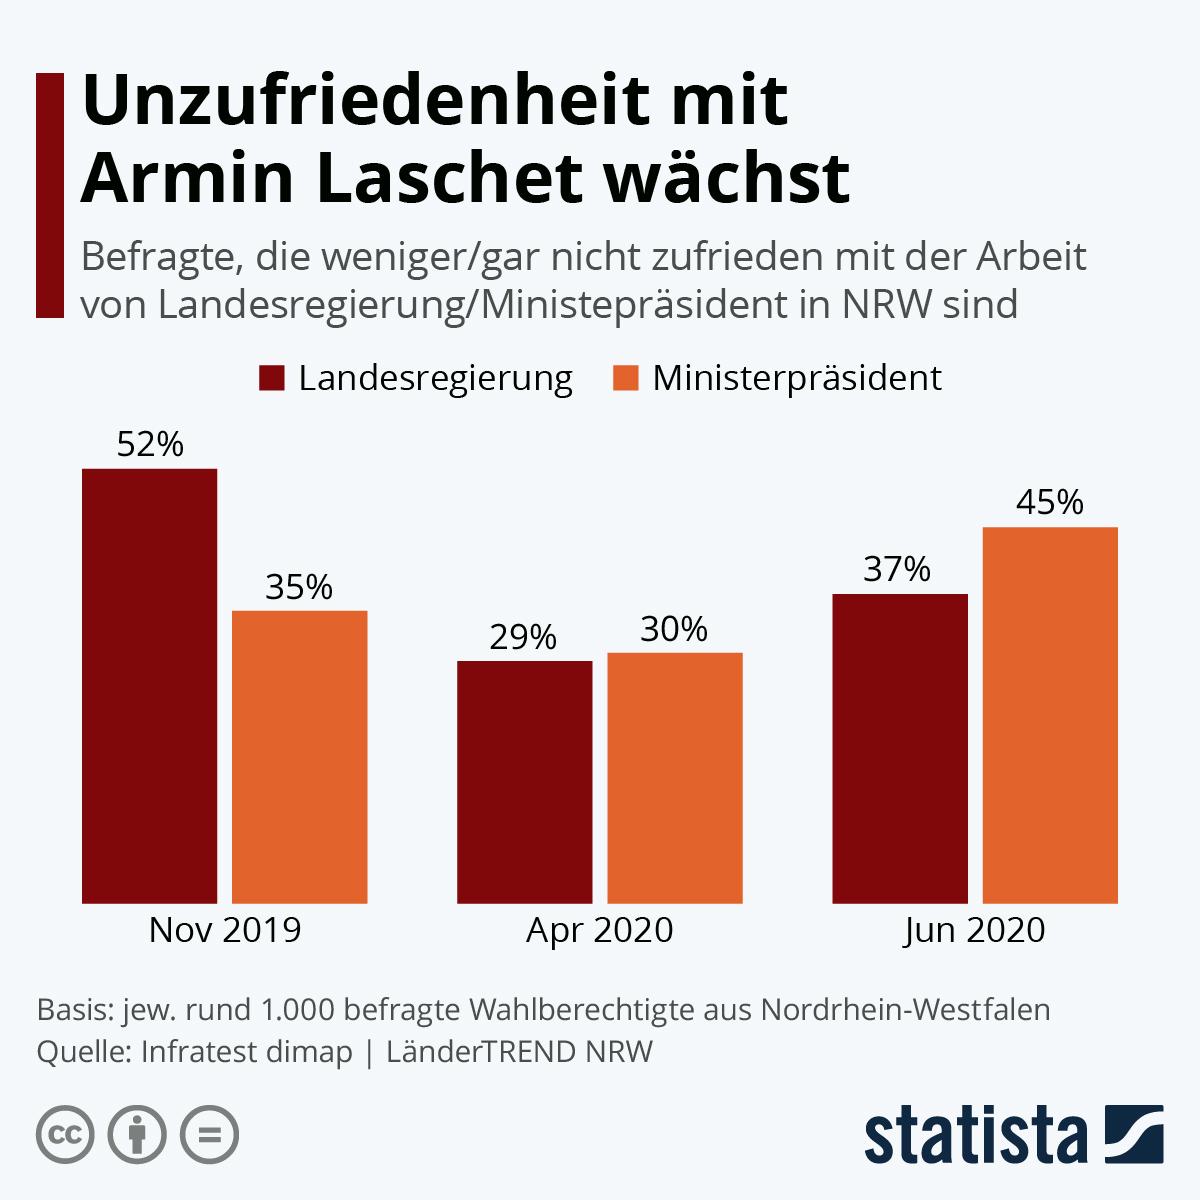 Infografik: Unzufriedenheit mit Armin Laschet wächst | Statista